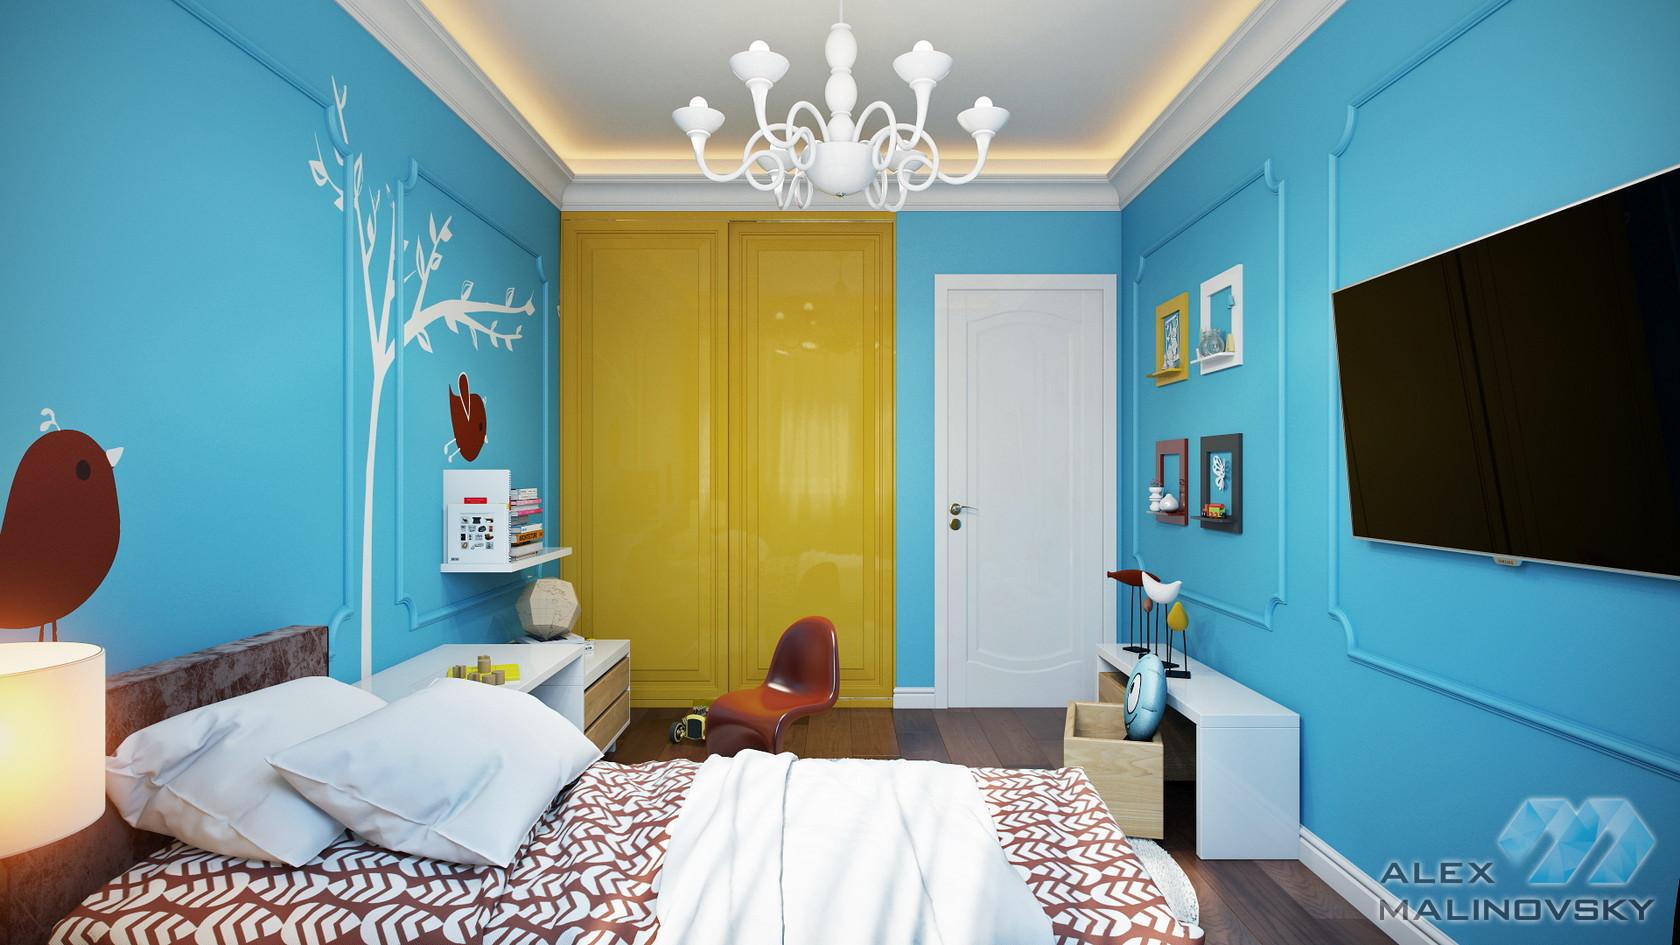 Детская (вариант), 3х комнатная квартира, ул Генерала Белобородова, Москва